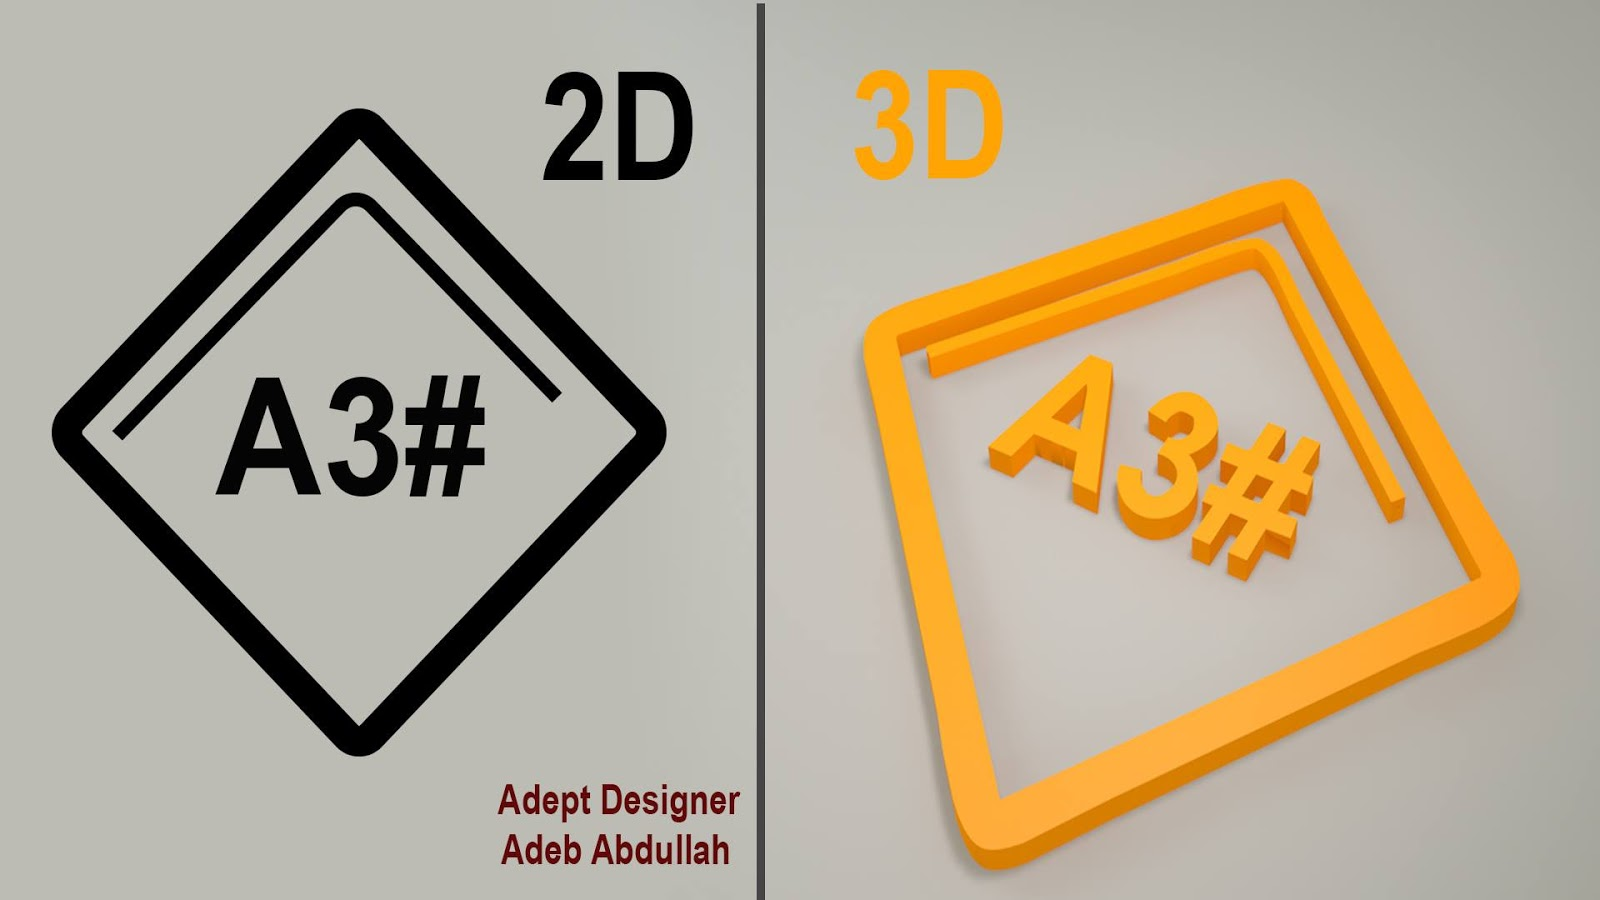 دیزاین | سینهما فۆردی گۆرینی لۆگۆ له 2D بۆ 3D